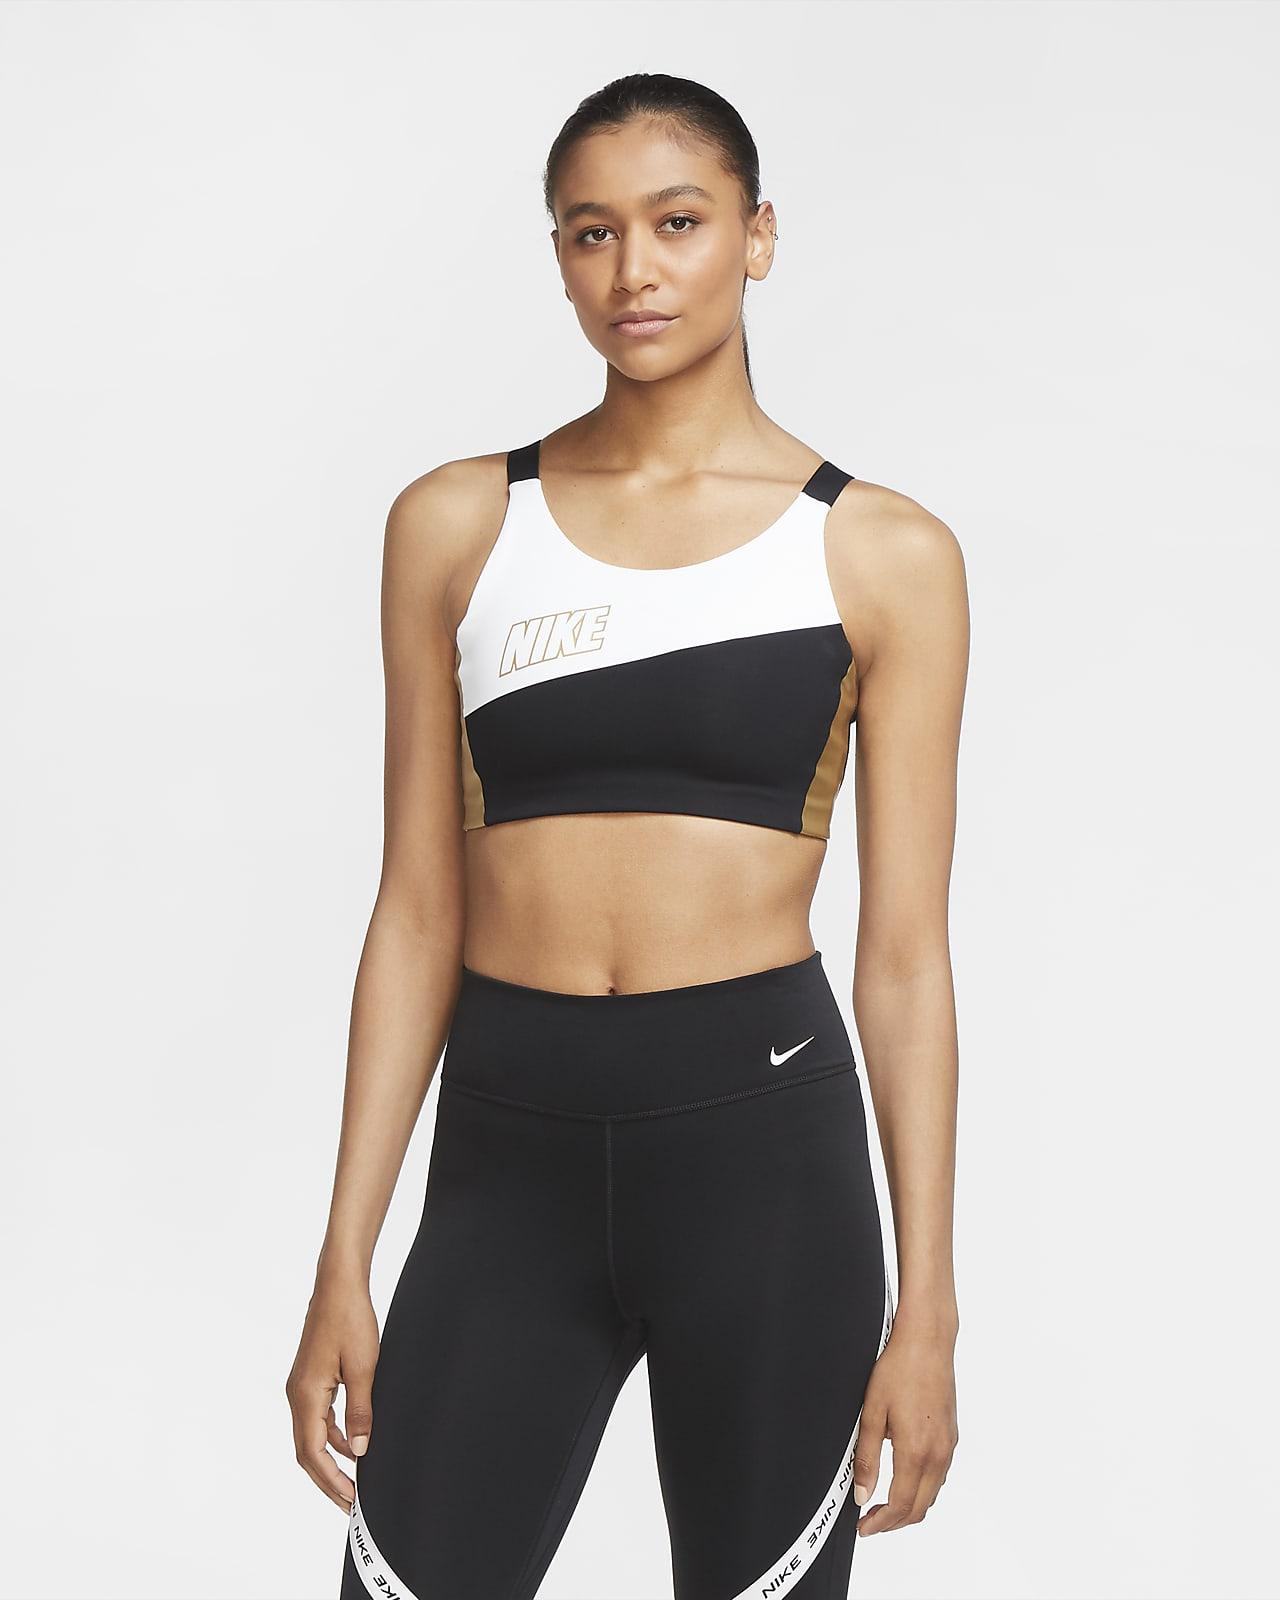 Nike Swoosh közepes tartást adó fémes női sportmelltartó